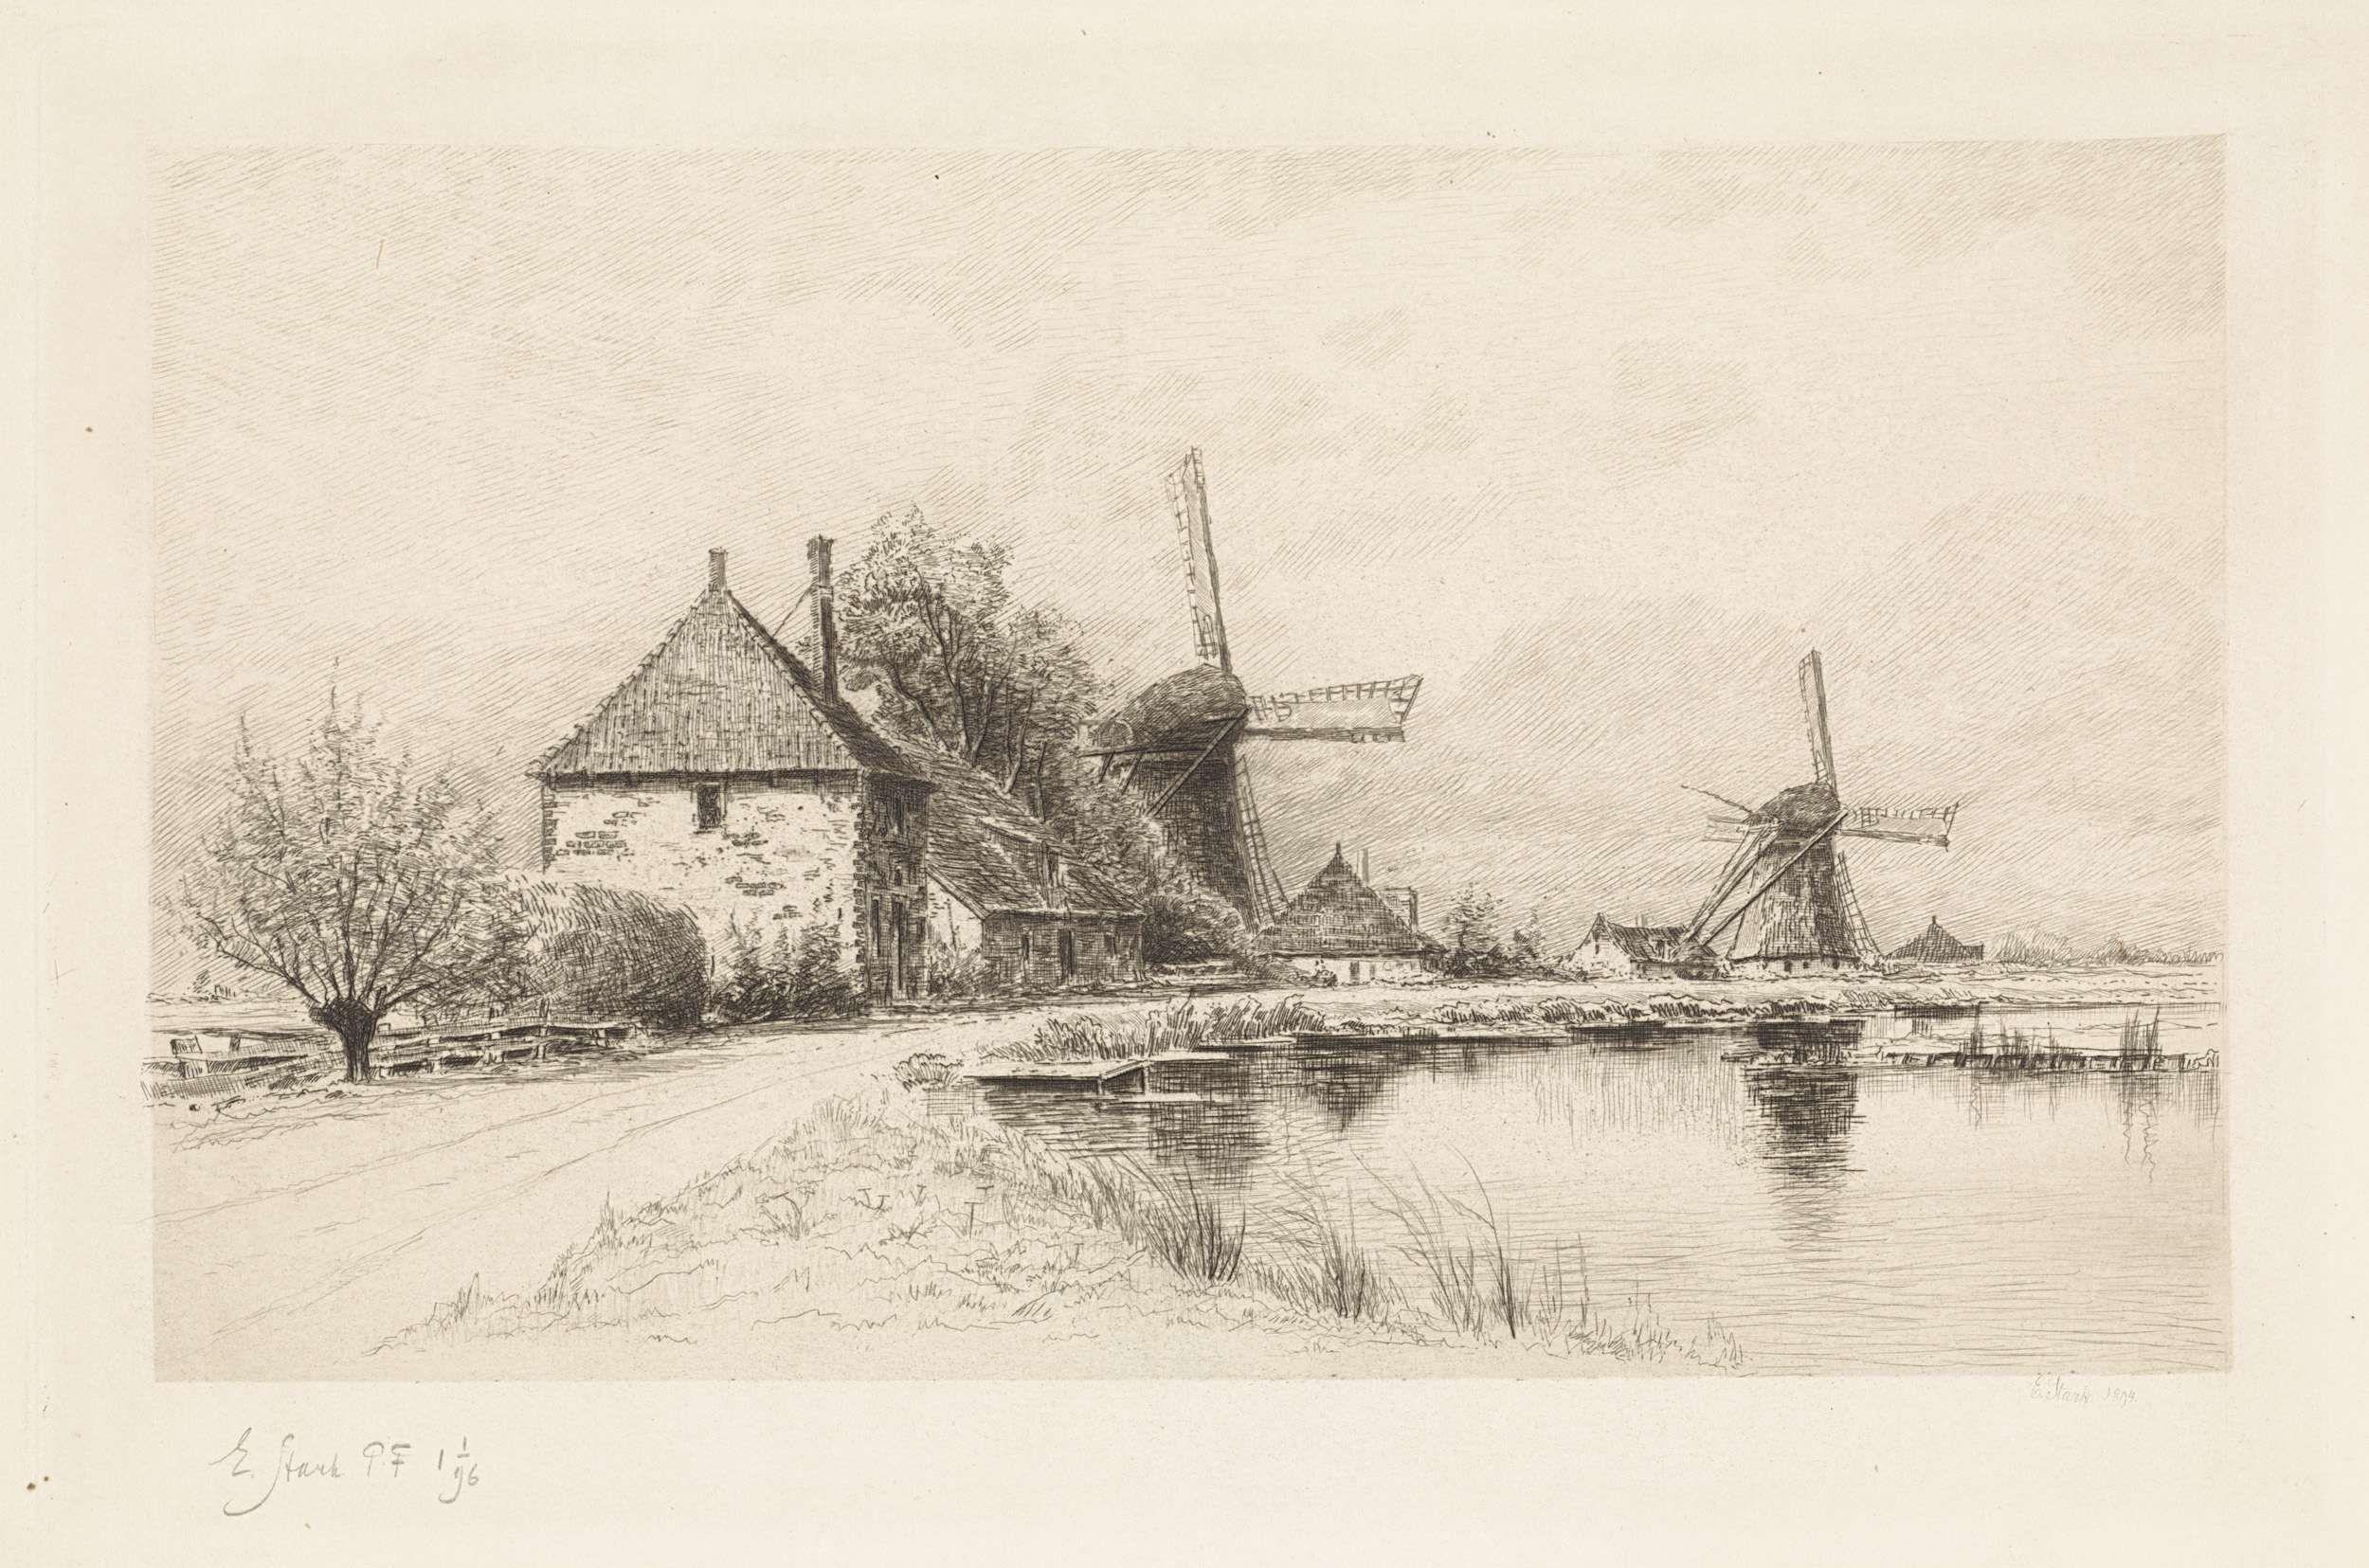 Huizen En Twee Molens Langs Een Rivier Elias Stark 1894 Landschap Tekeningen Potloodschets Potloodtekeningen